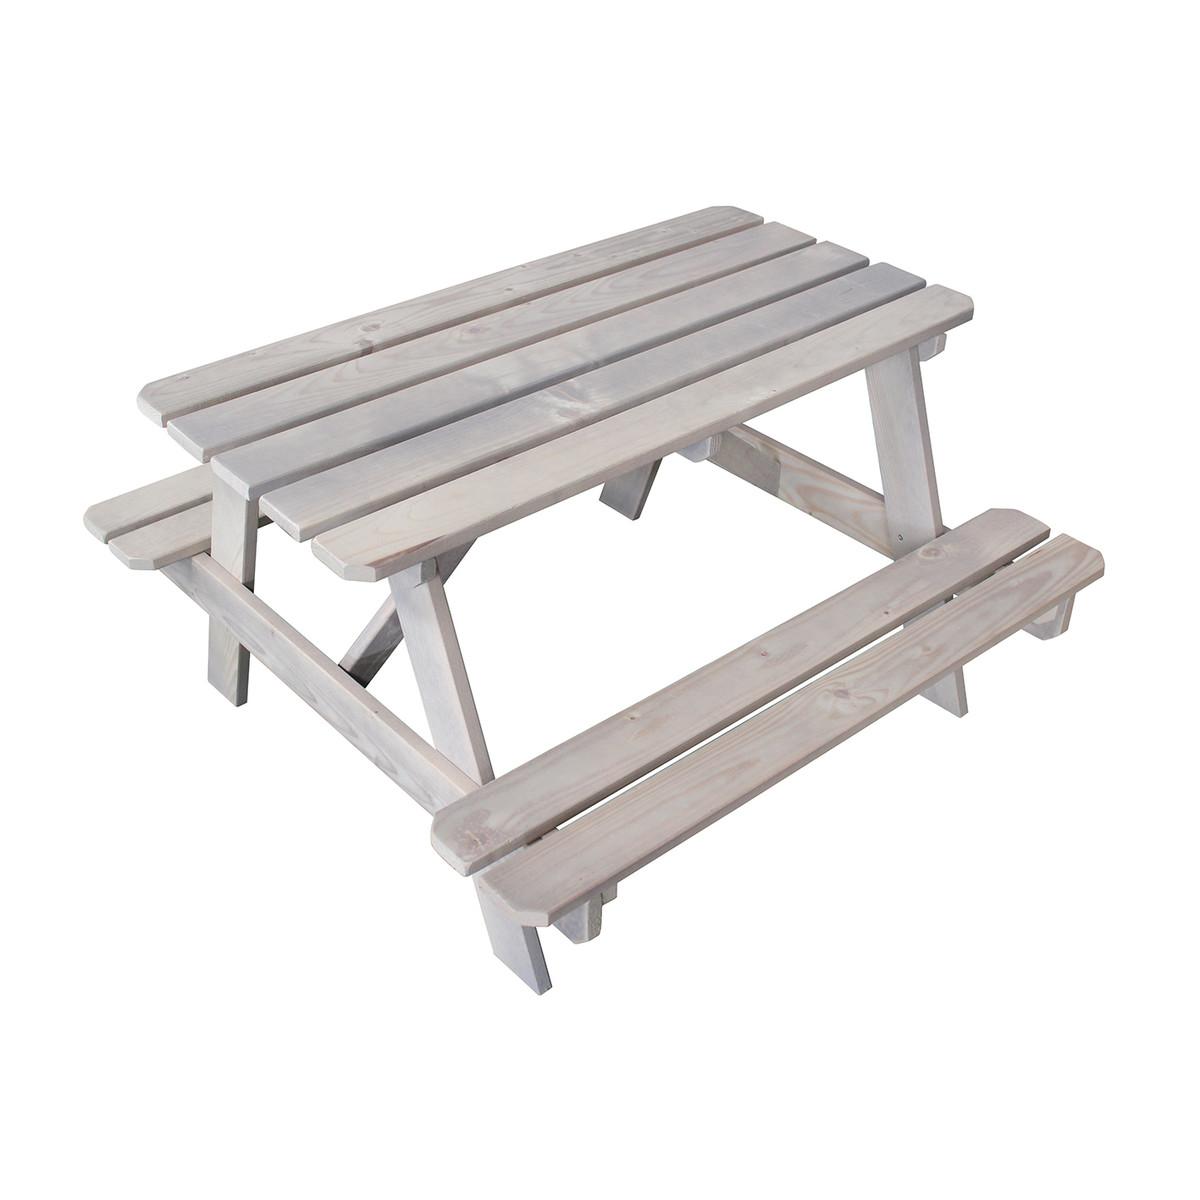 Tavolo pic nic legno pircher arredamento giardino prezzo for Panche in legno leroy merlin